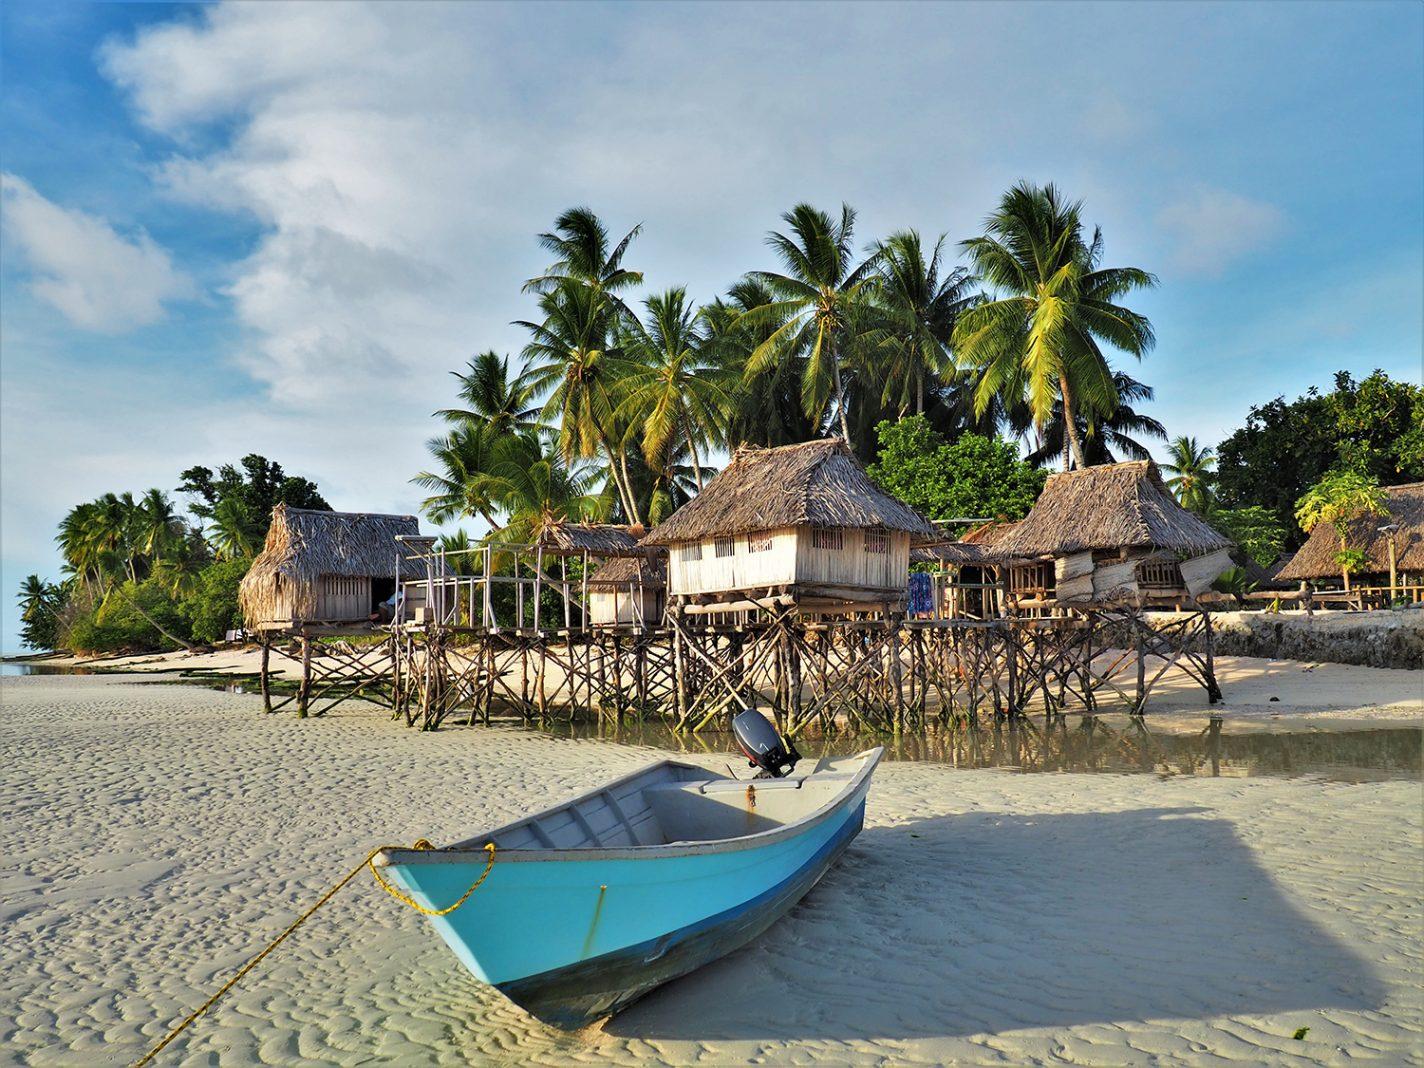 Onze hut op het water - Noord Tarawa